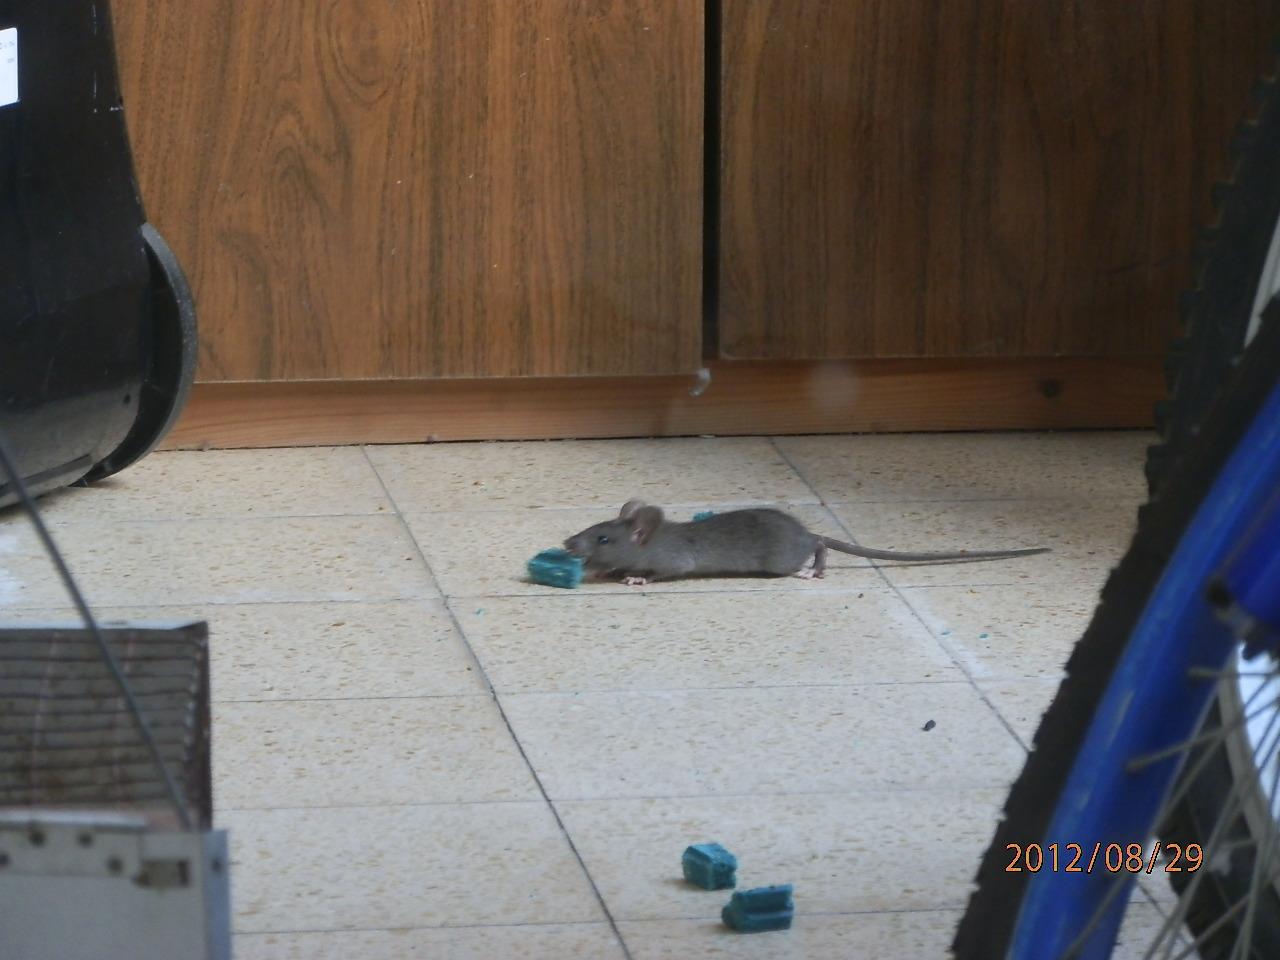 крыса жрет яд